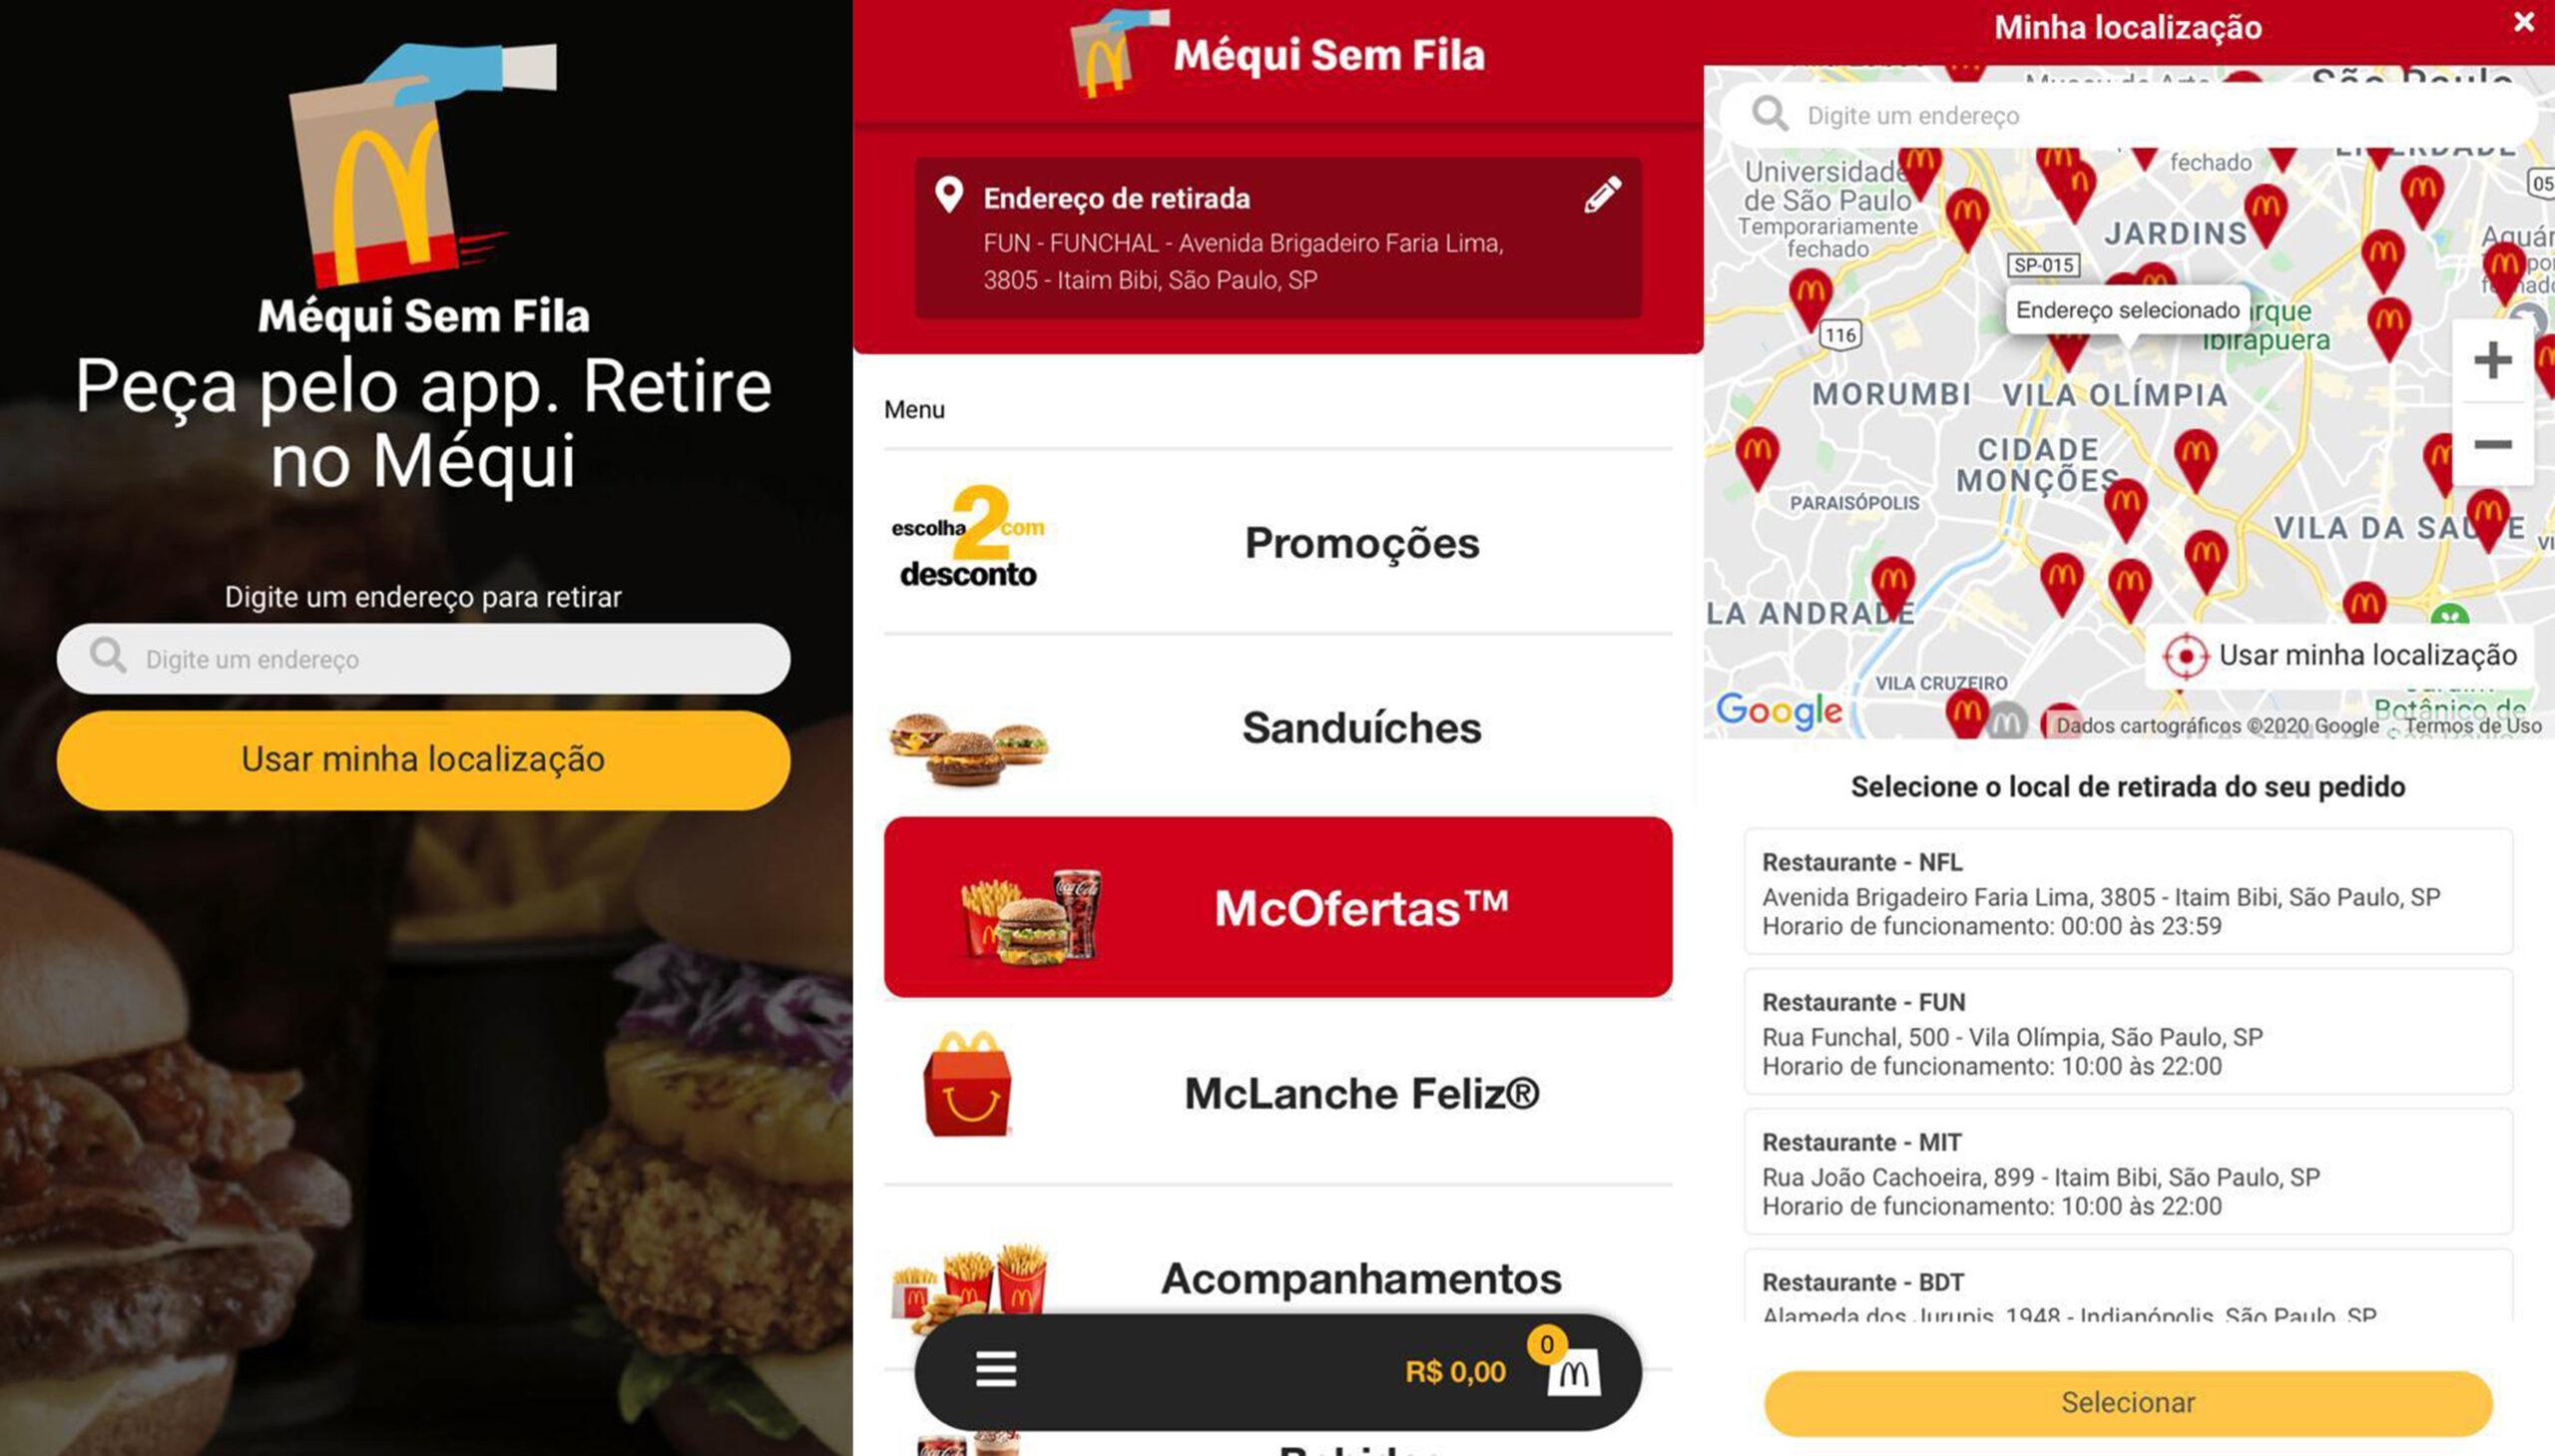 """[Brasil] McDonald's lança novo recurso """"Méqui Sem Fila"""" em seu aplicativo no Brasil"""